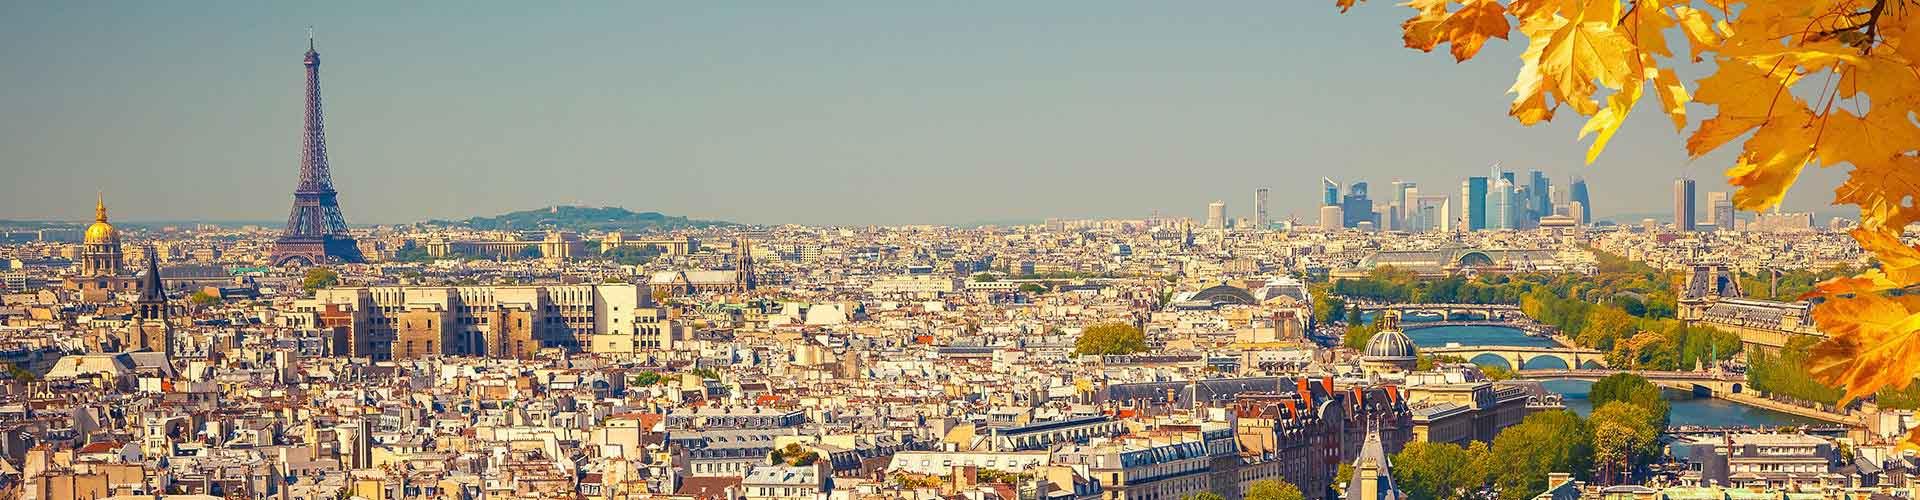 파리 - 파리에 있는 호스텔. 파리의 지도, 파리에 위치한 호스텔 사진 및 후기 정보.